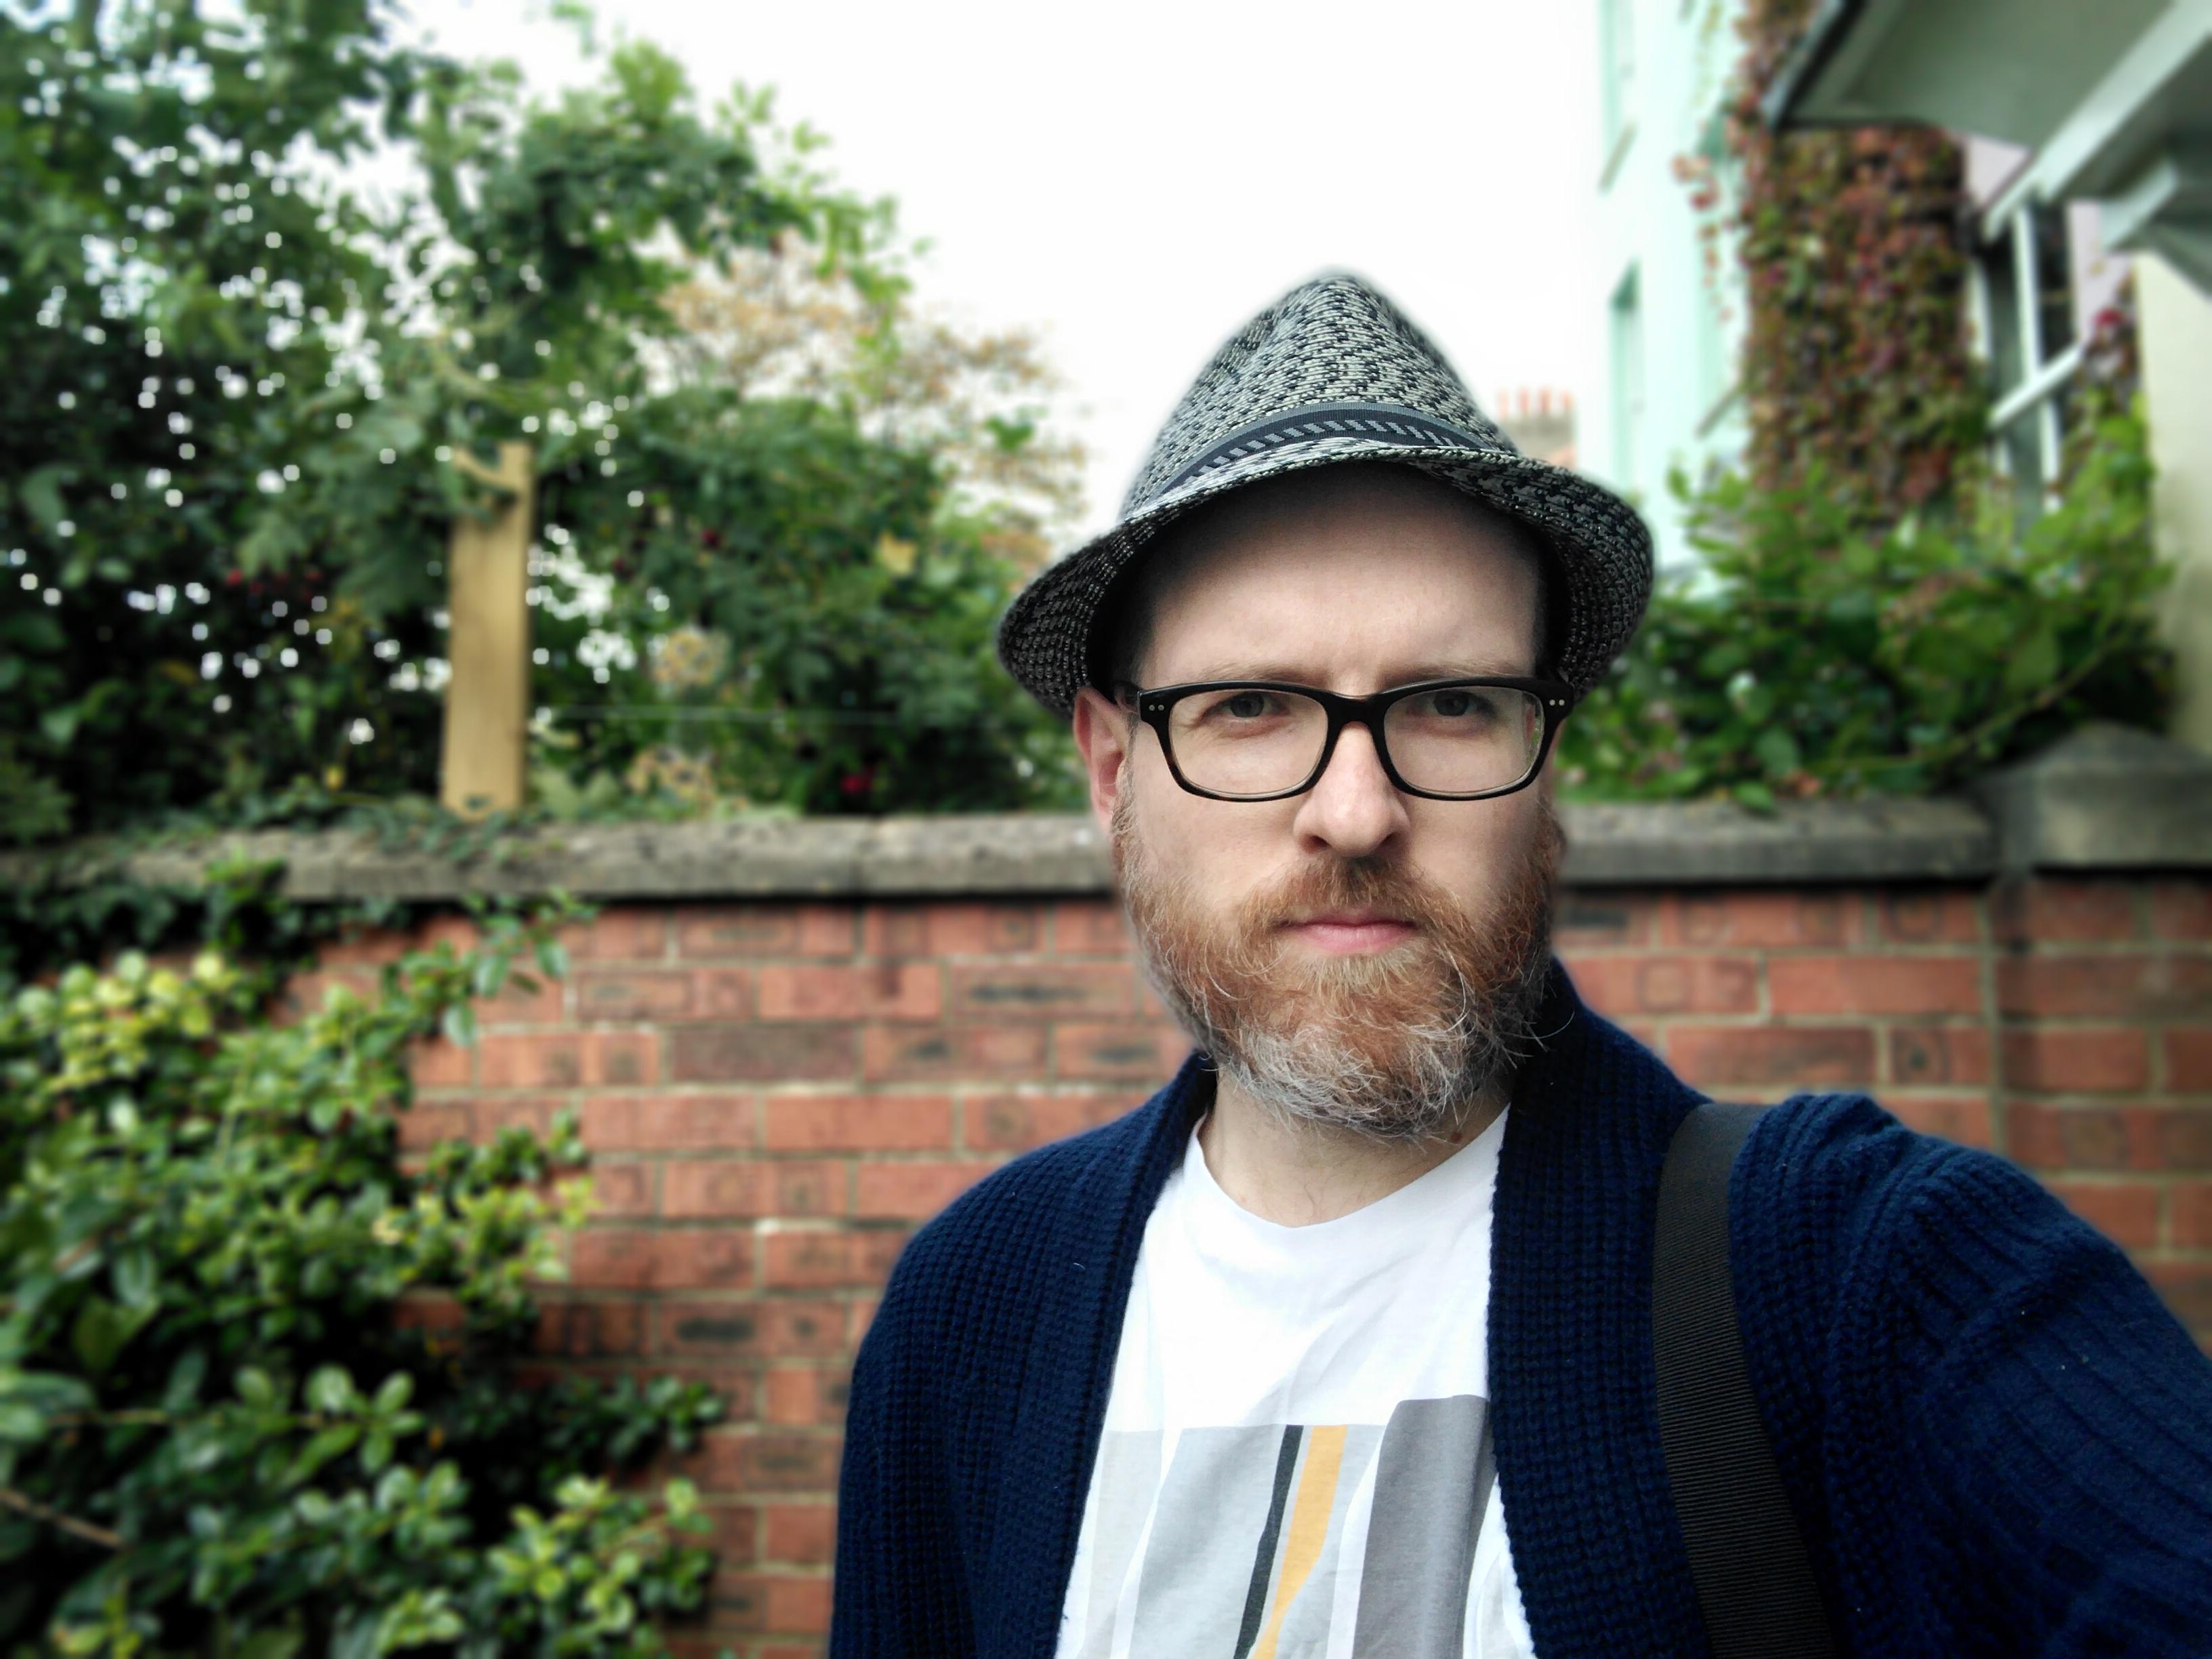 A photo of a man taken using portrait mode